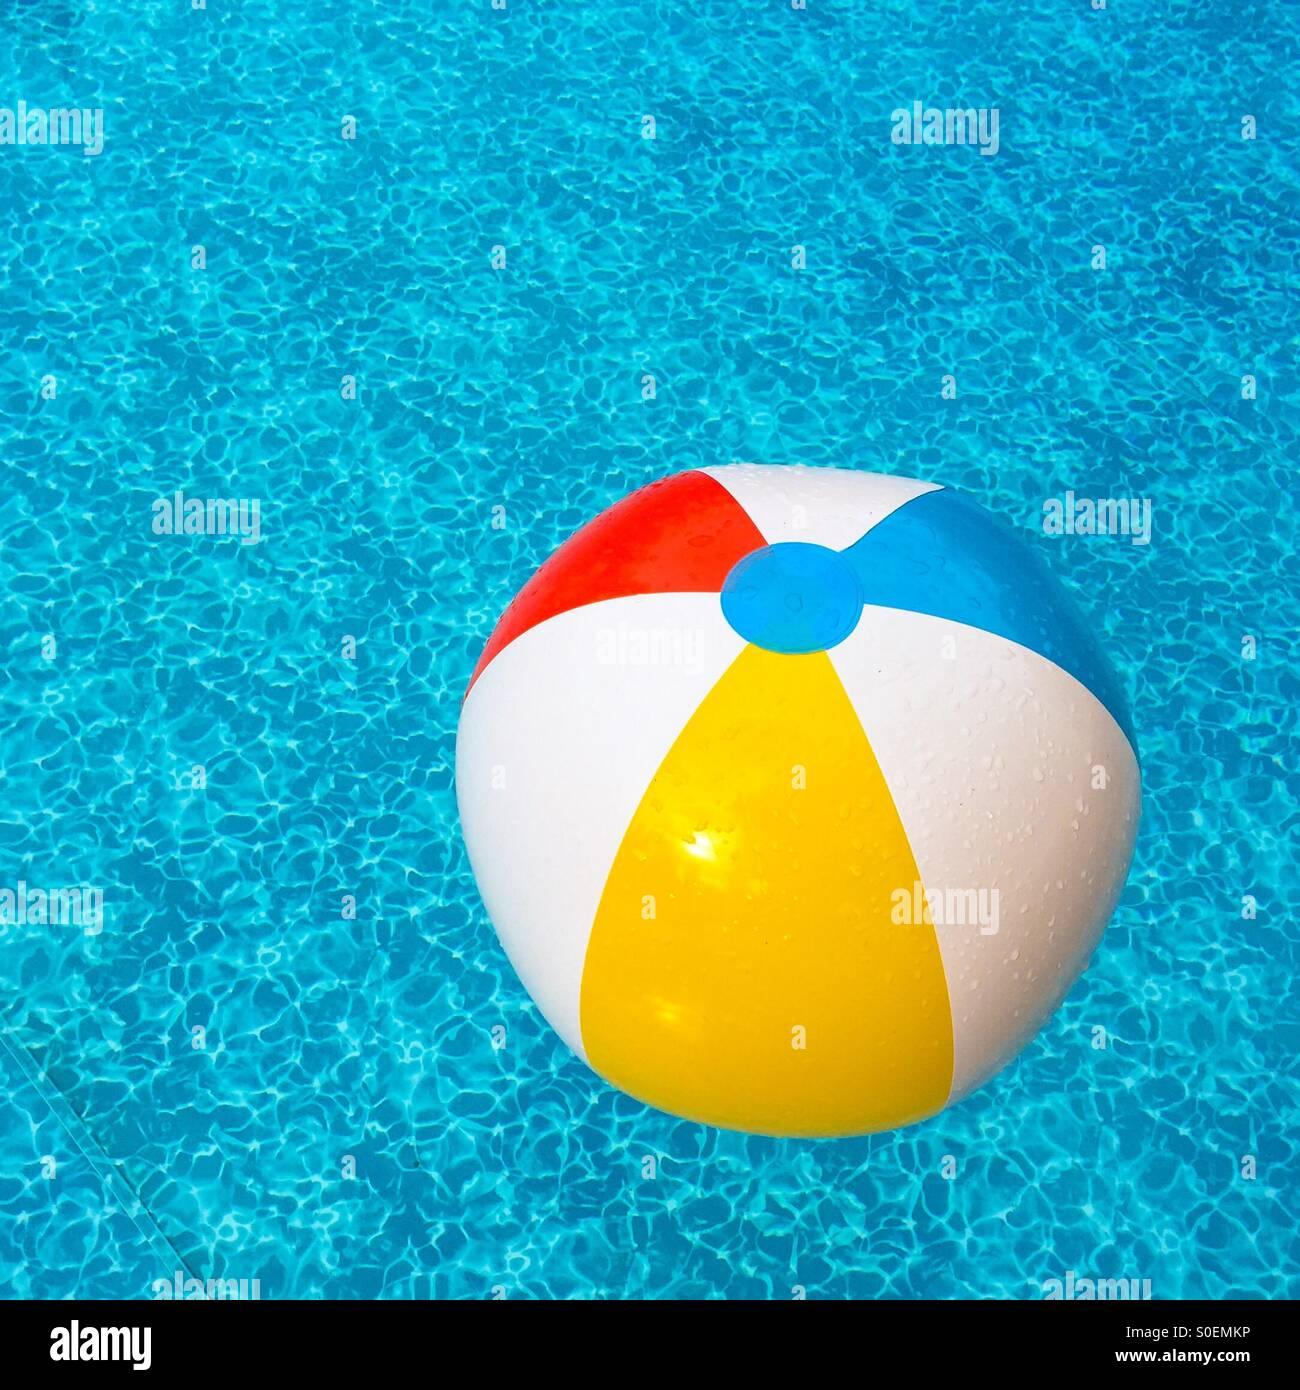 Palla spiaggia nella piscina esterna. (Lato giallo dominante). Immagini Stock